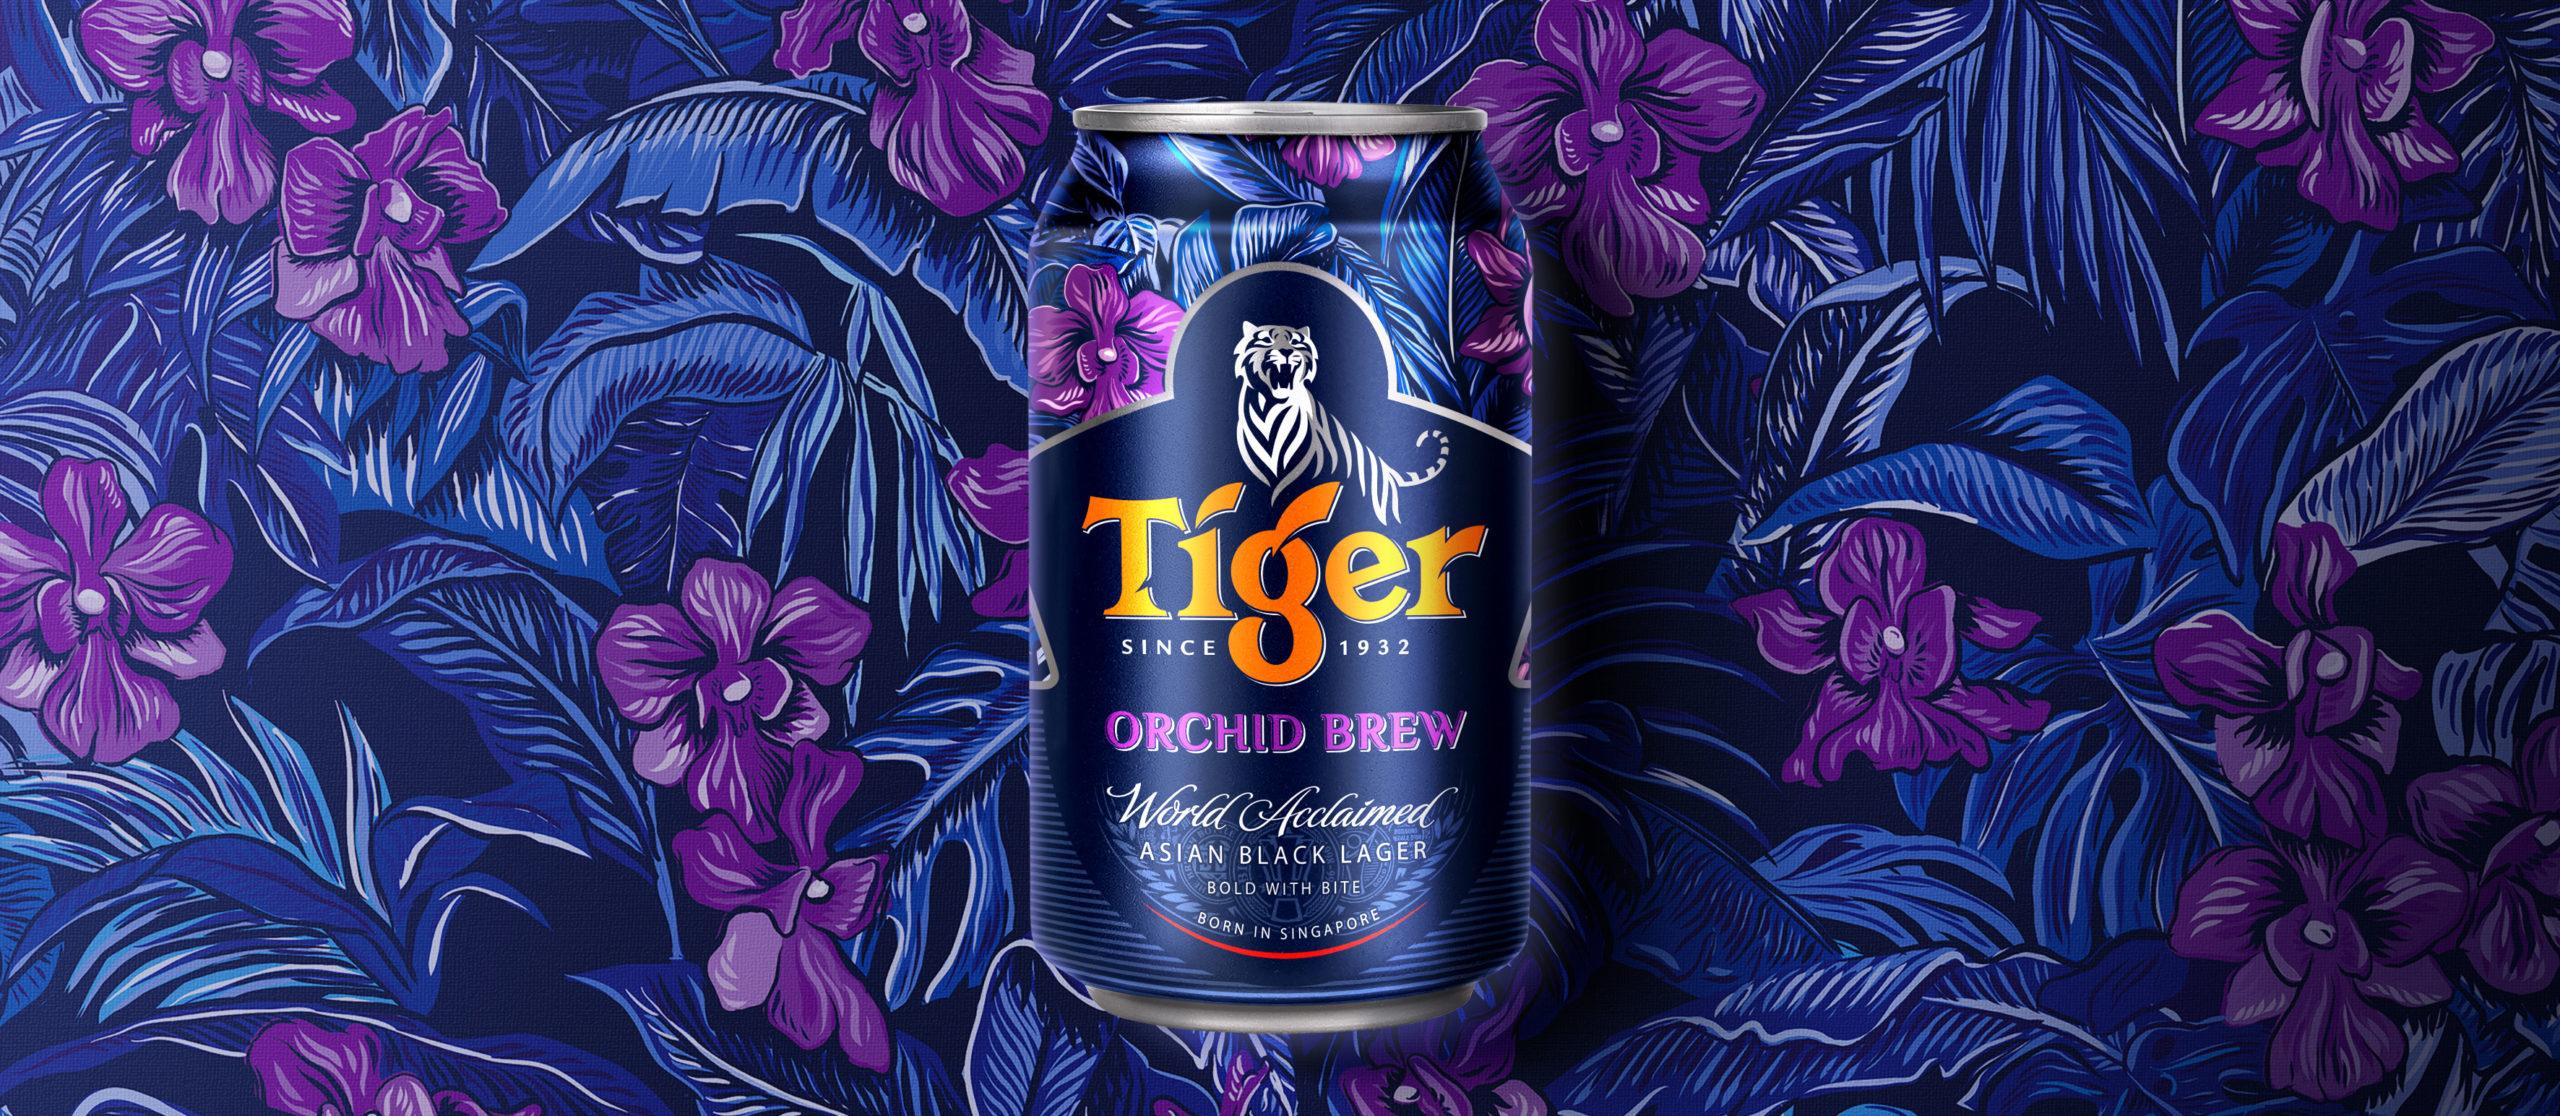 Heineken Tiger Beer Orchid Brew